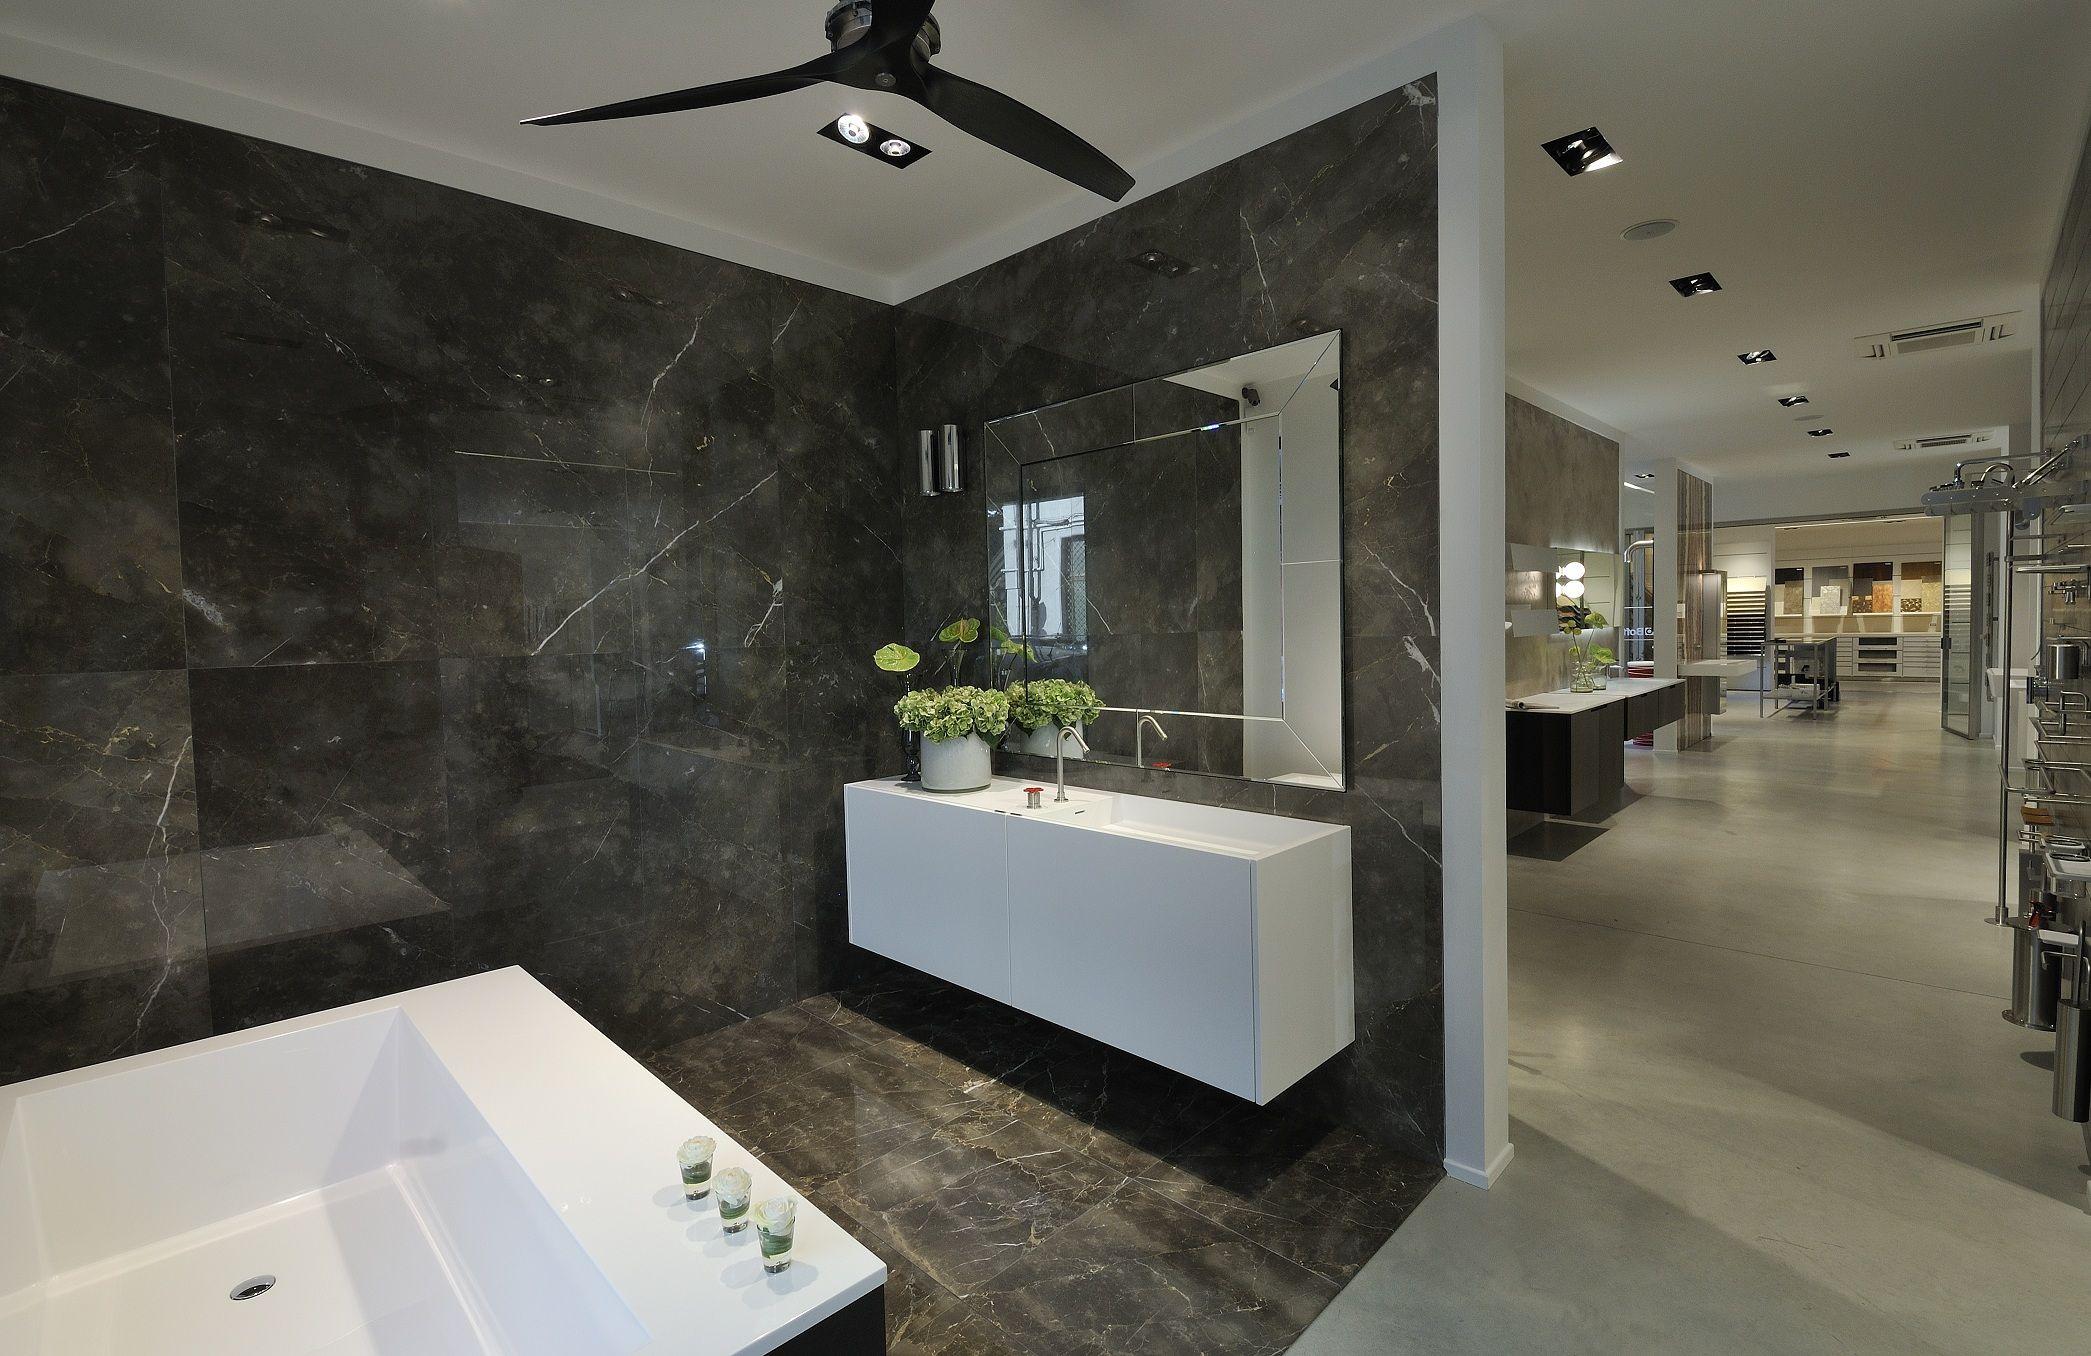 marmo grigio imperiale, mobili da bagno,accessori da bagno, sauna, hammam bagno turco, piani in ...